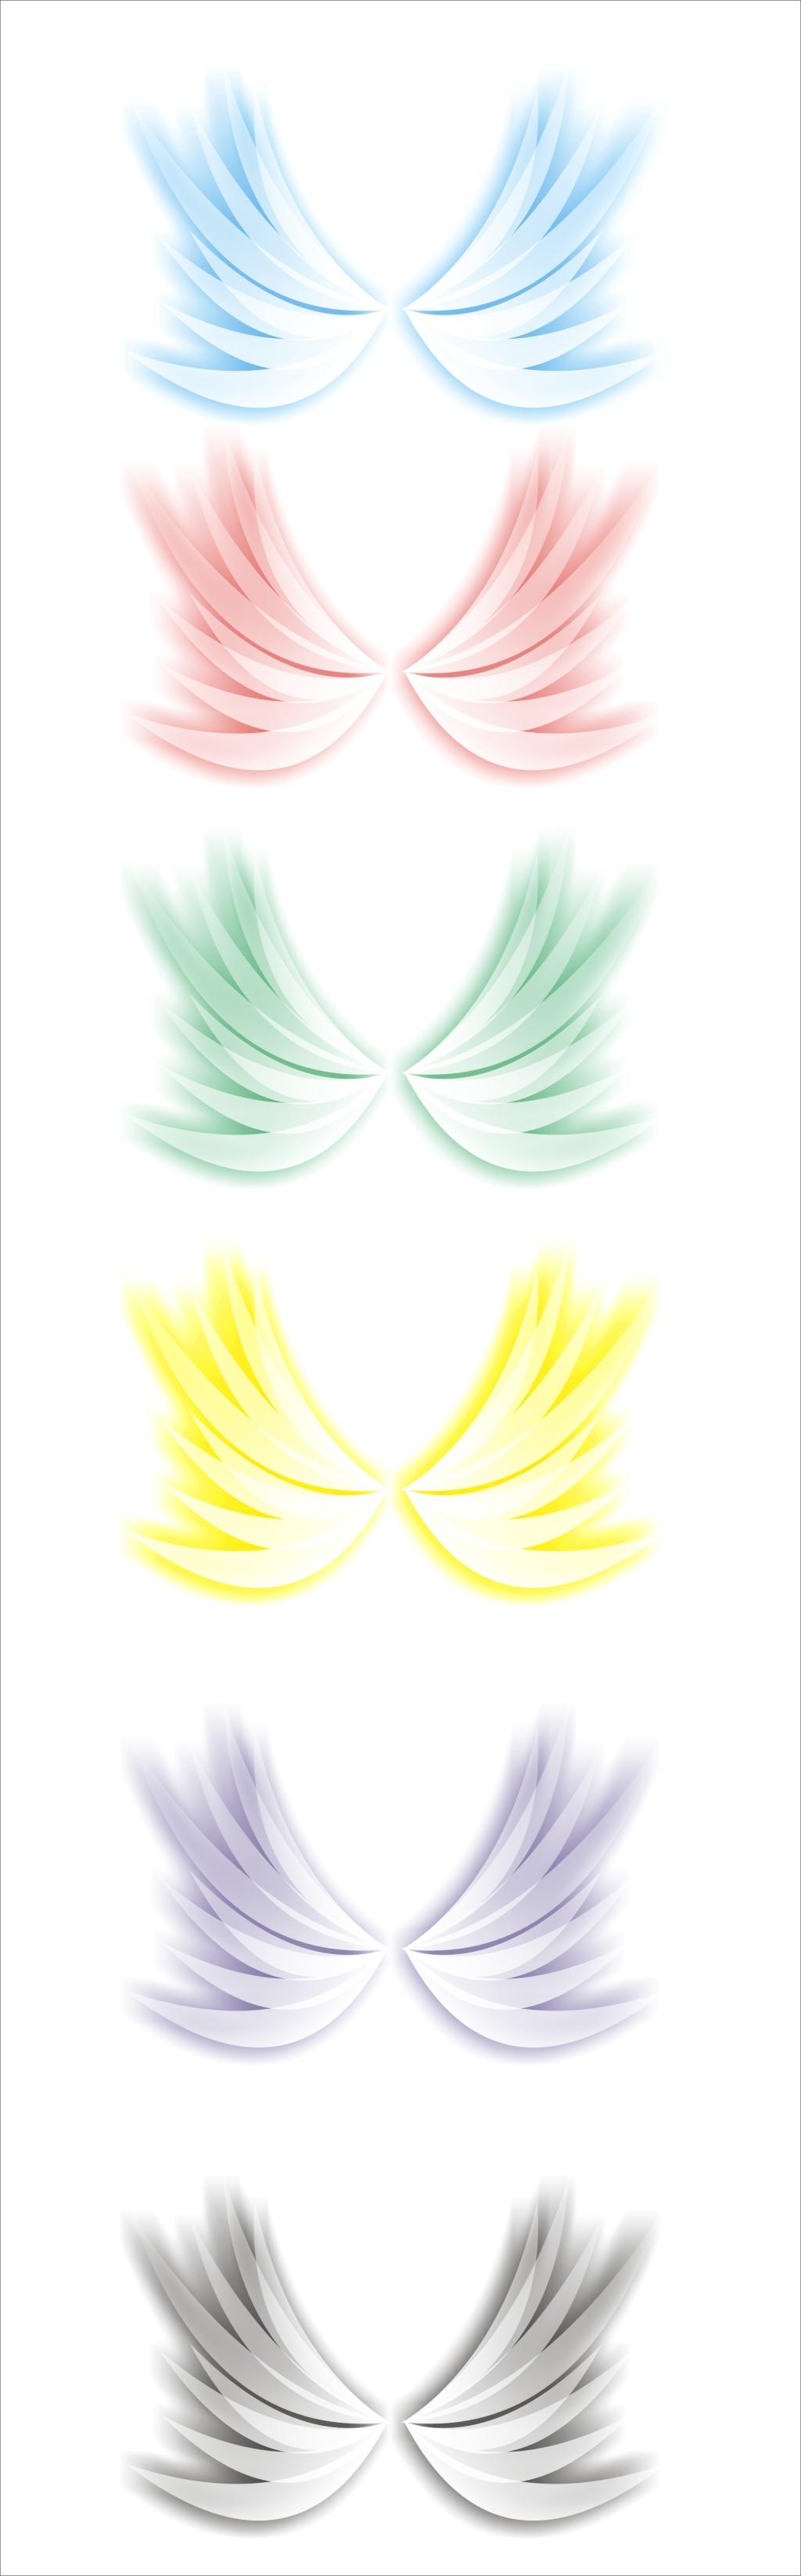 翅膀24[1].jpg